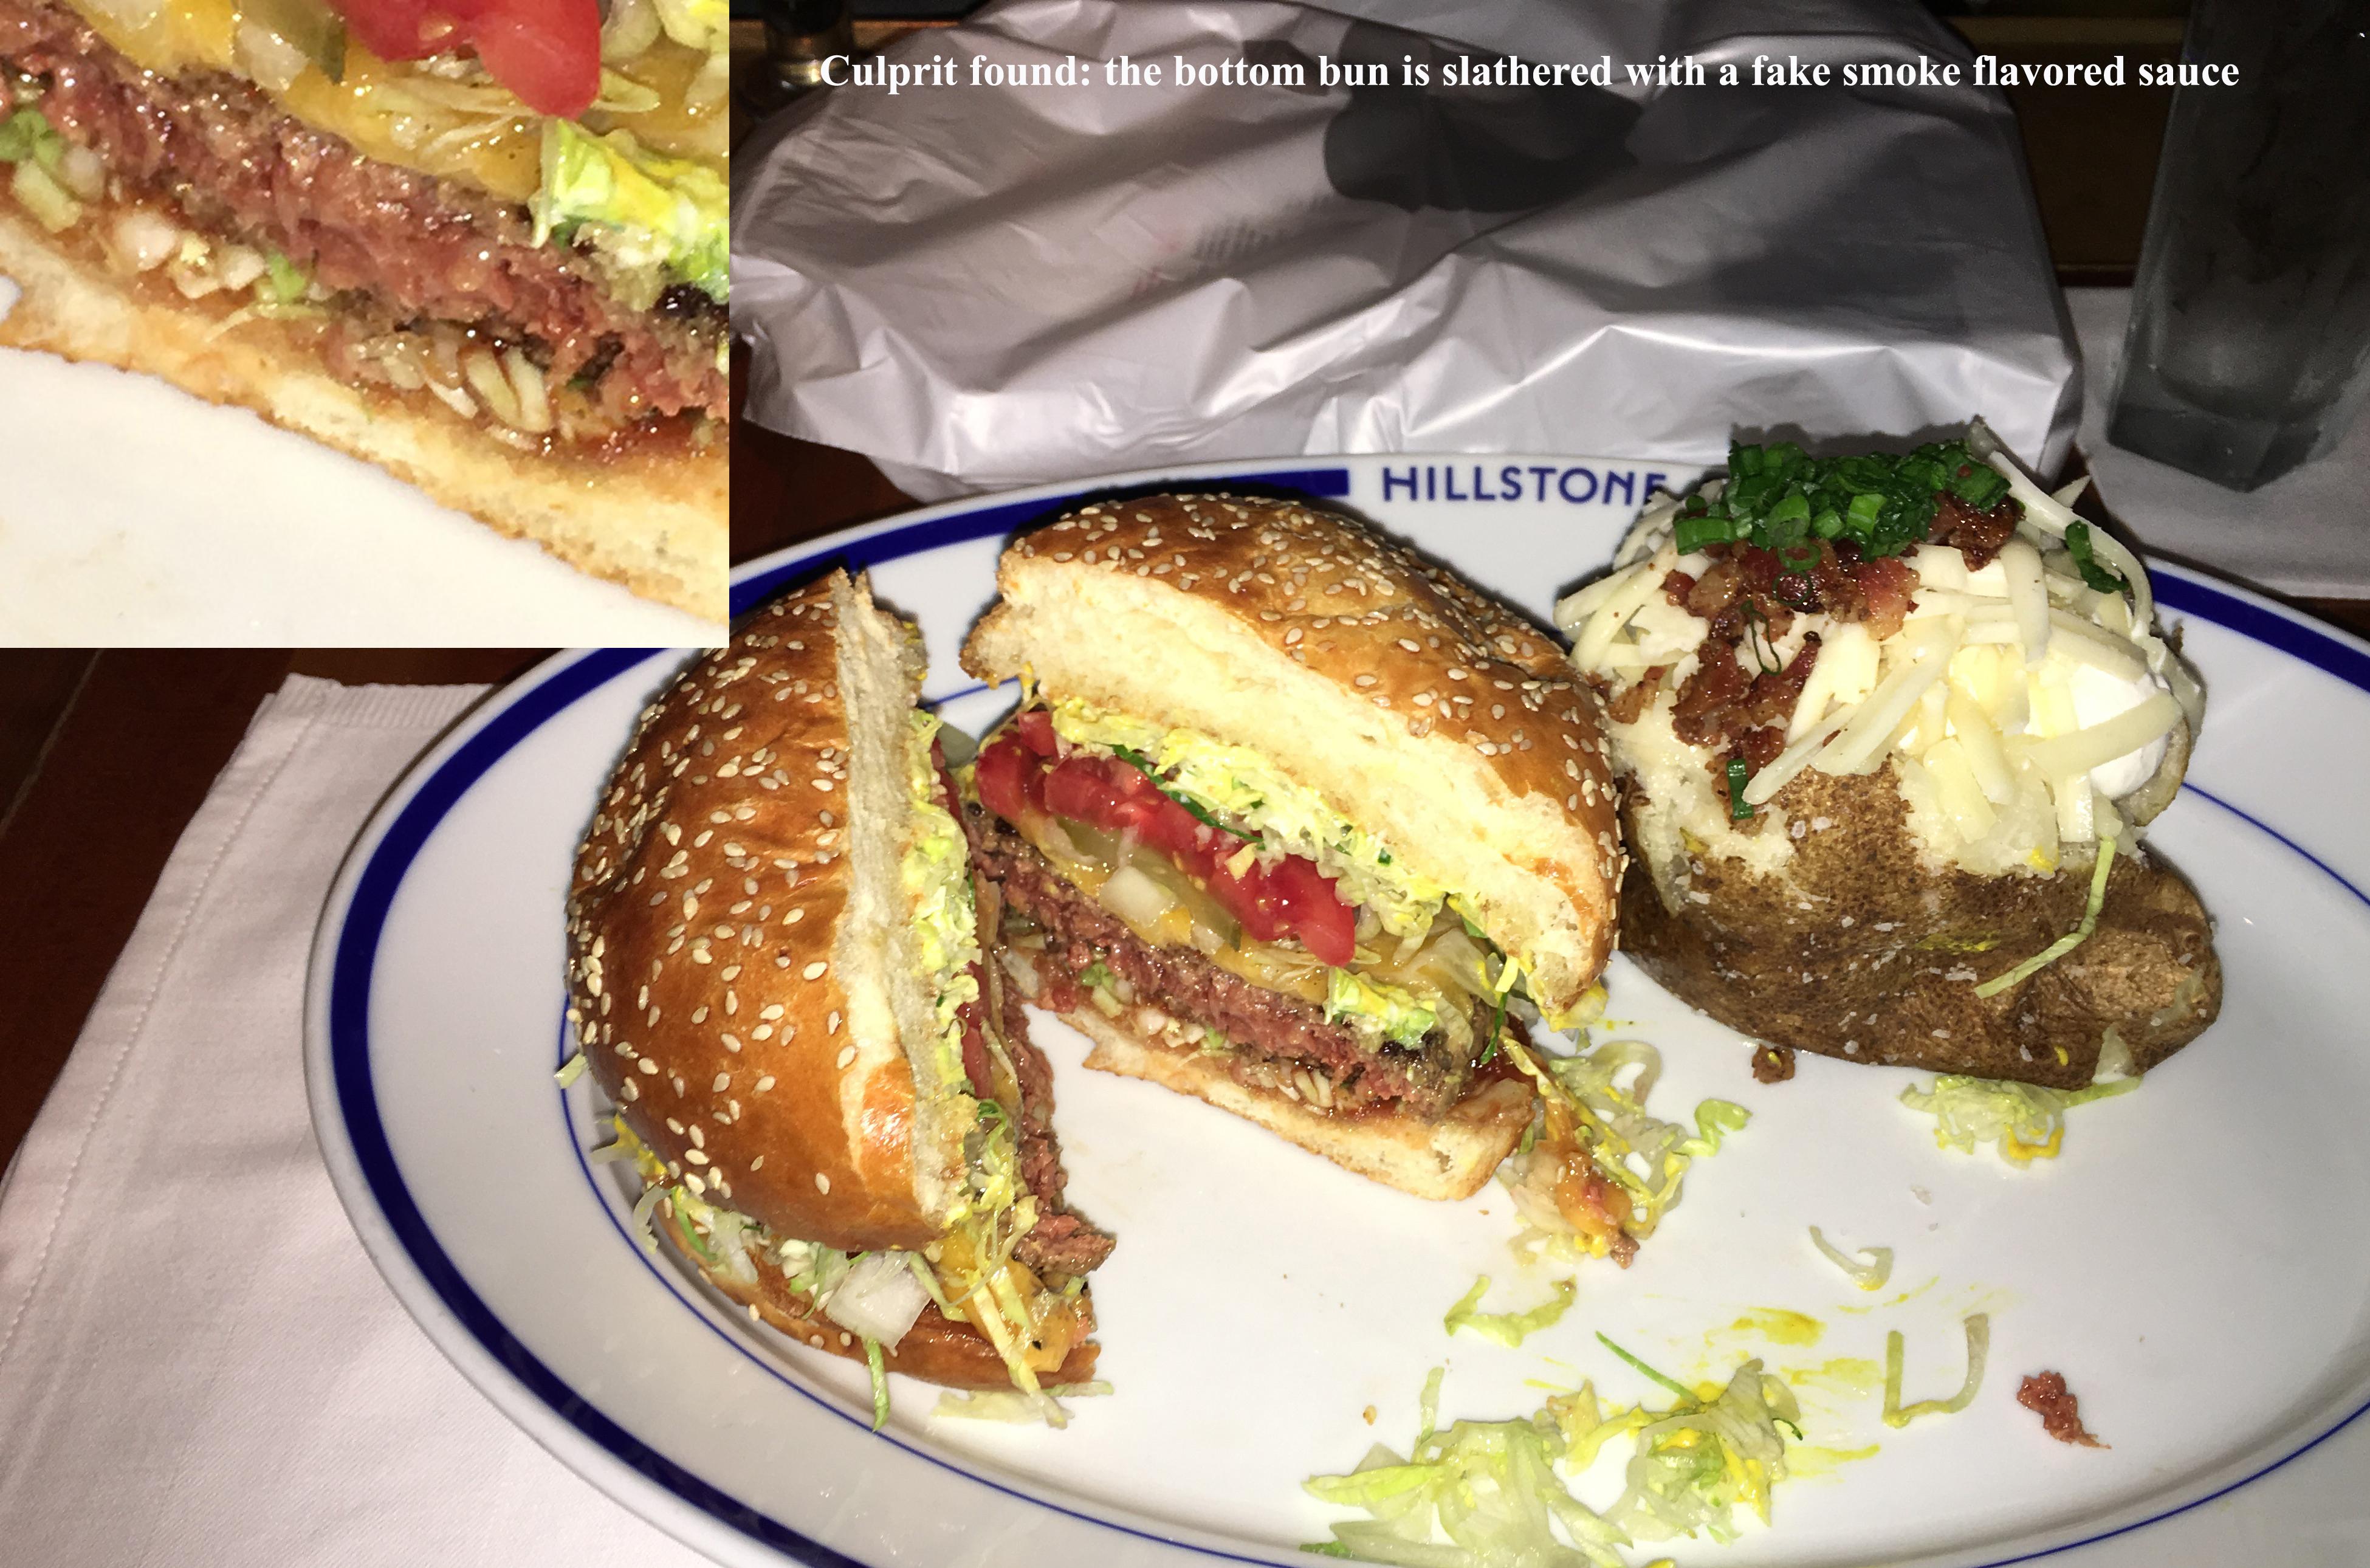 Hillstone cheeseburger